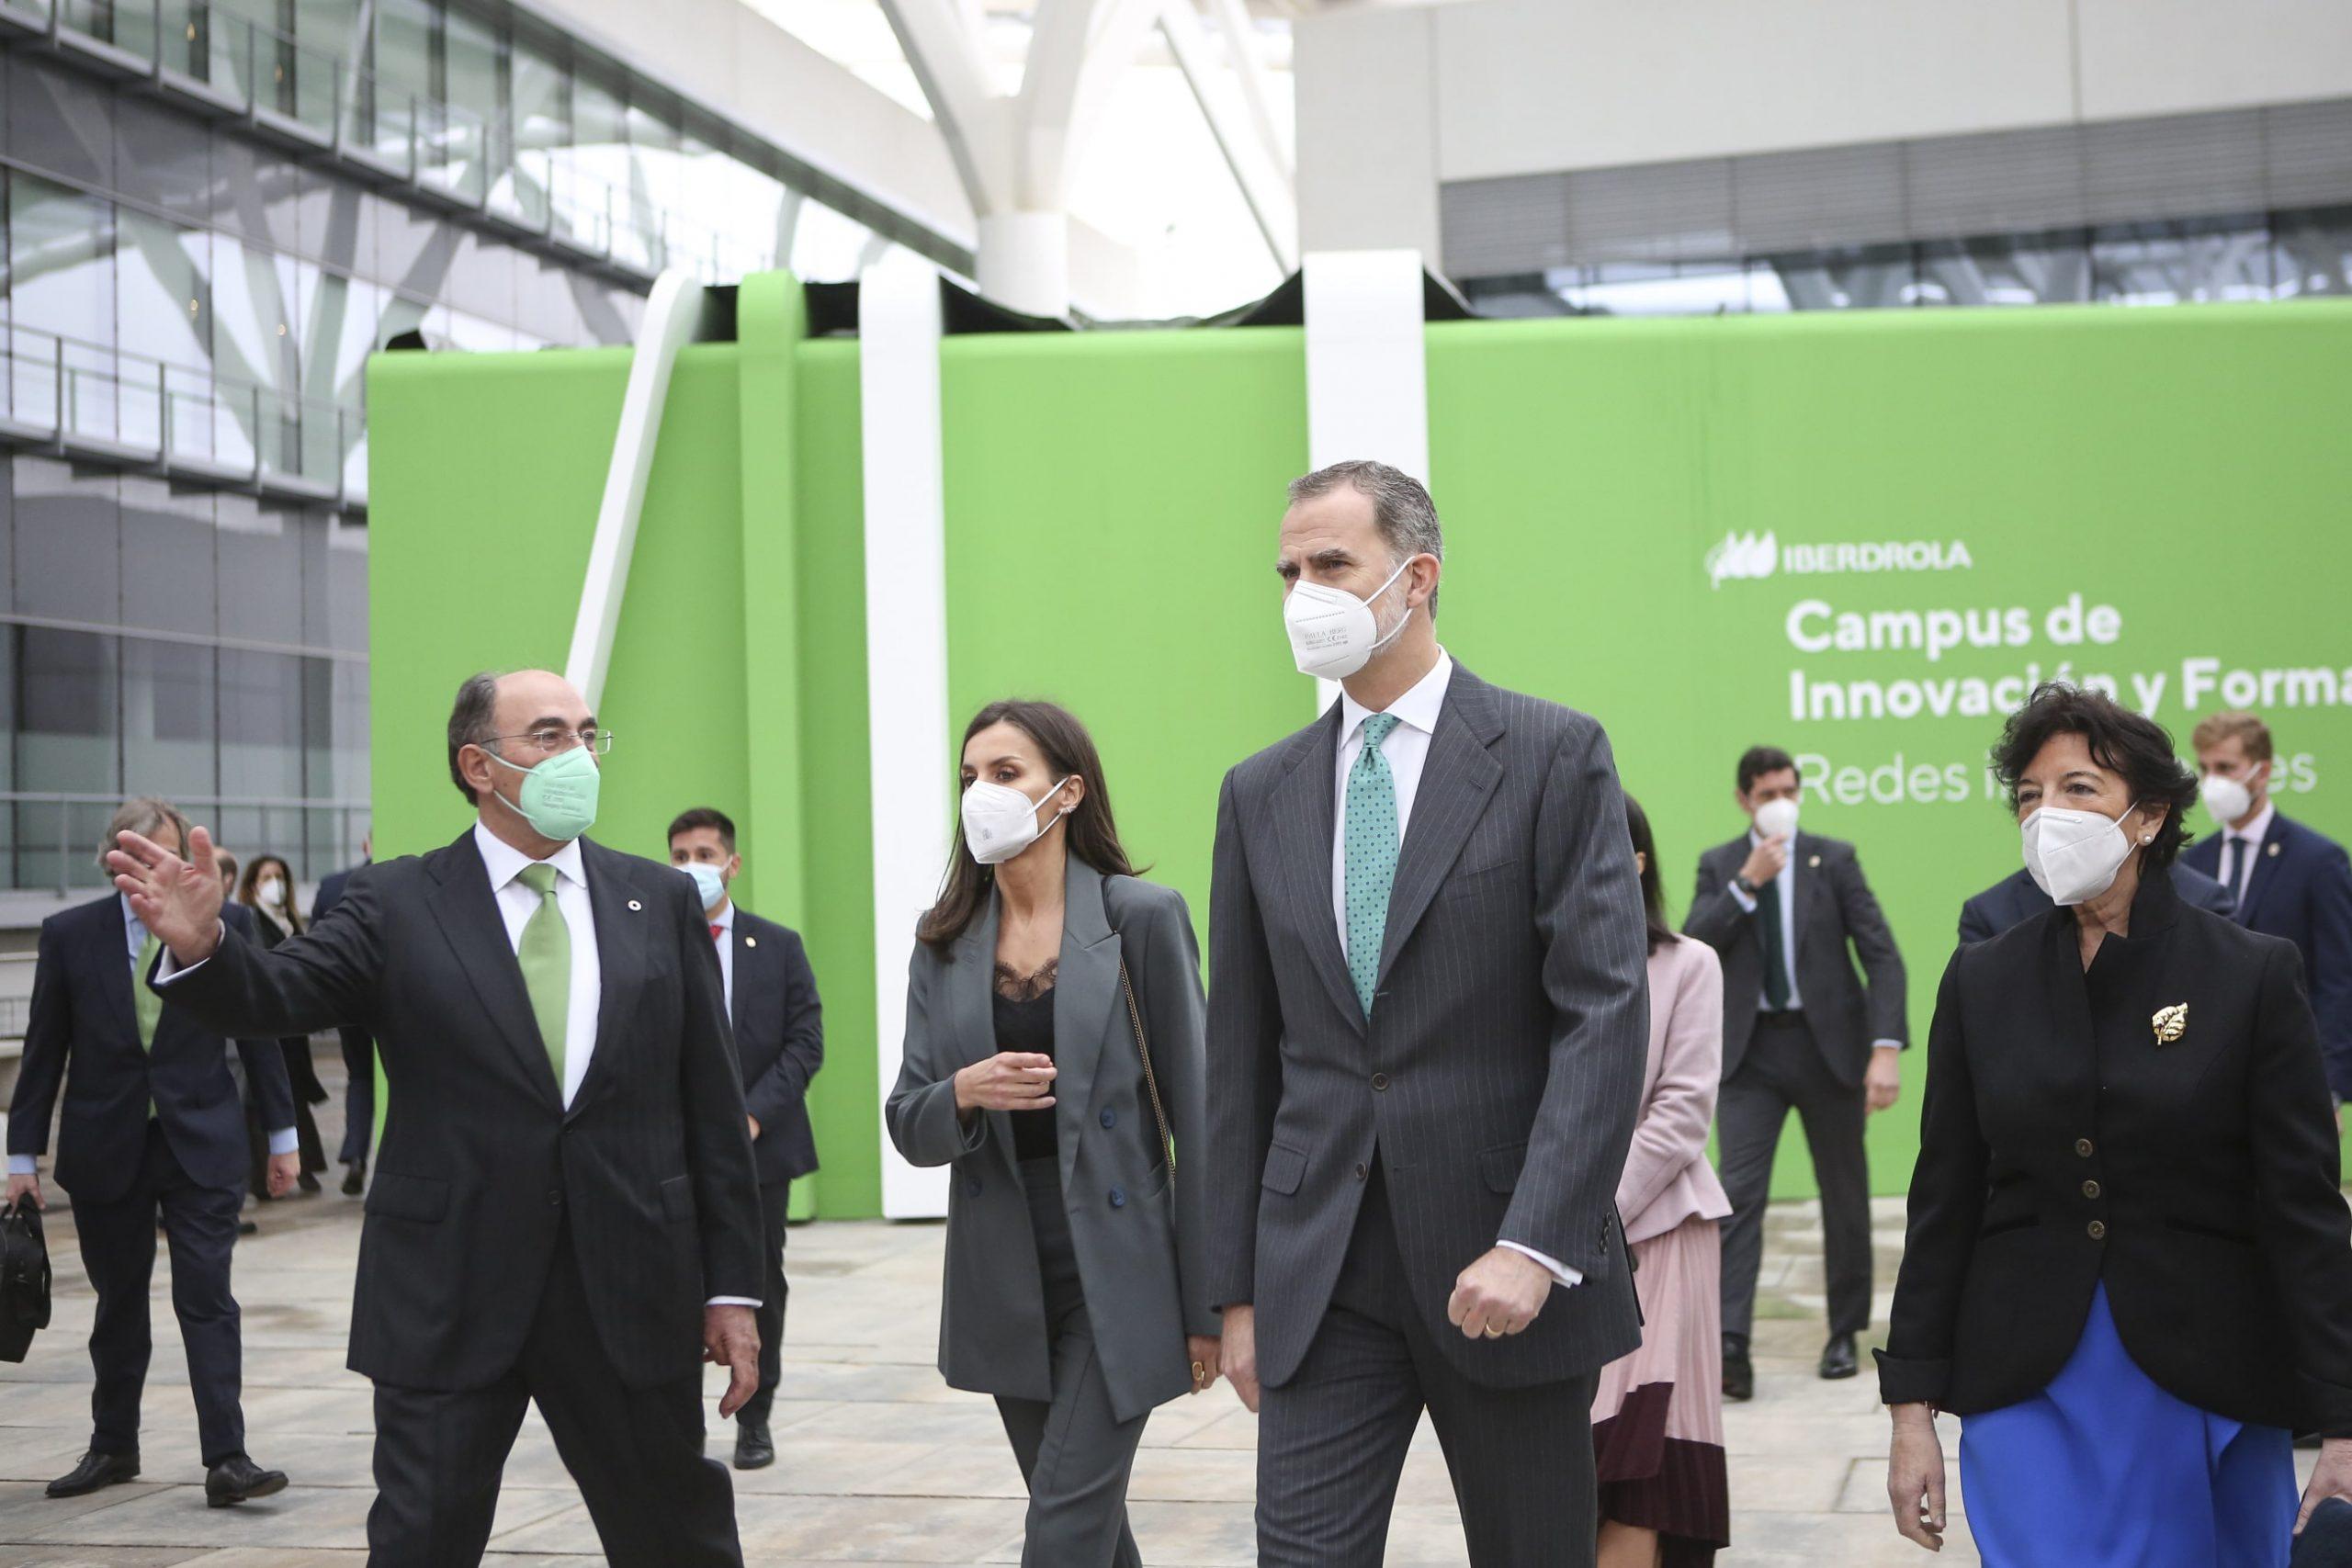 Los Reyes, Ignacio Galán e Isabel Celaá en el Campus Iberdrola @Iberdrola